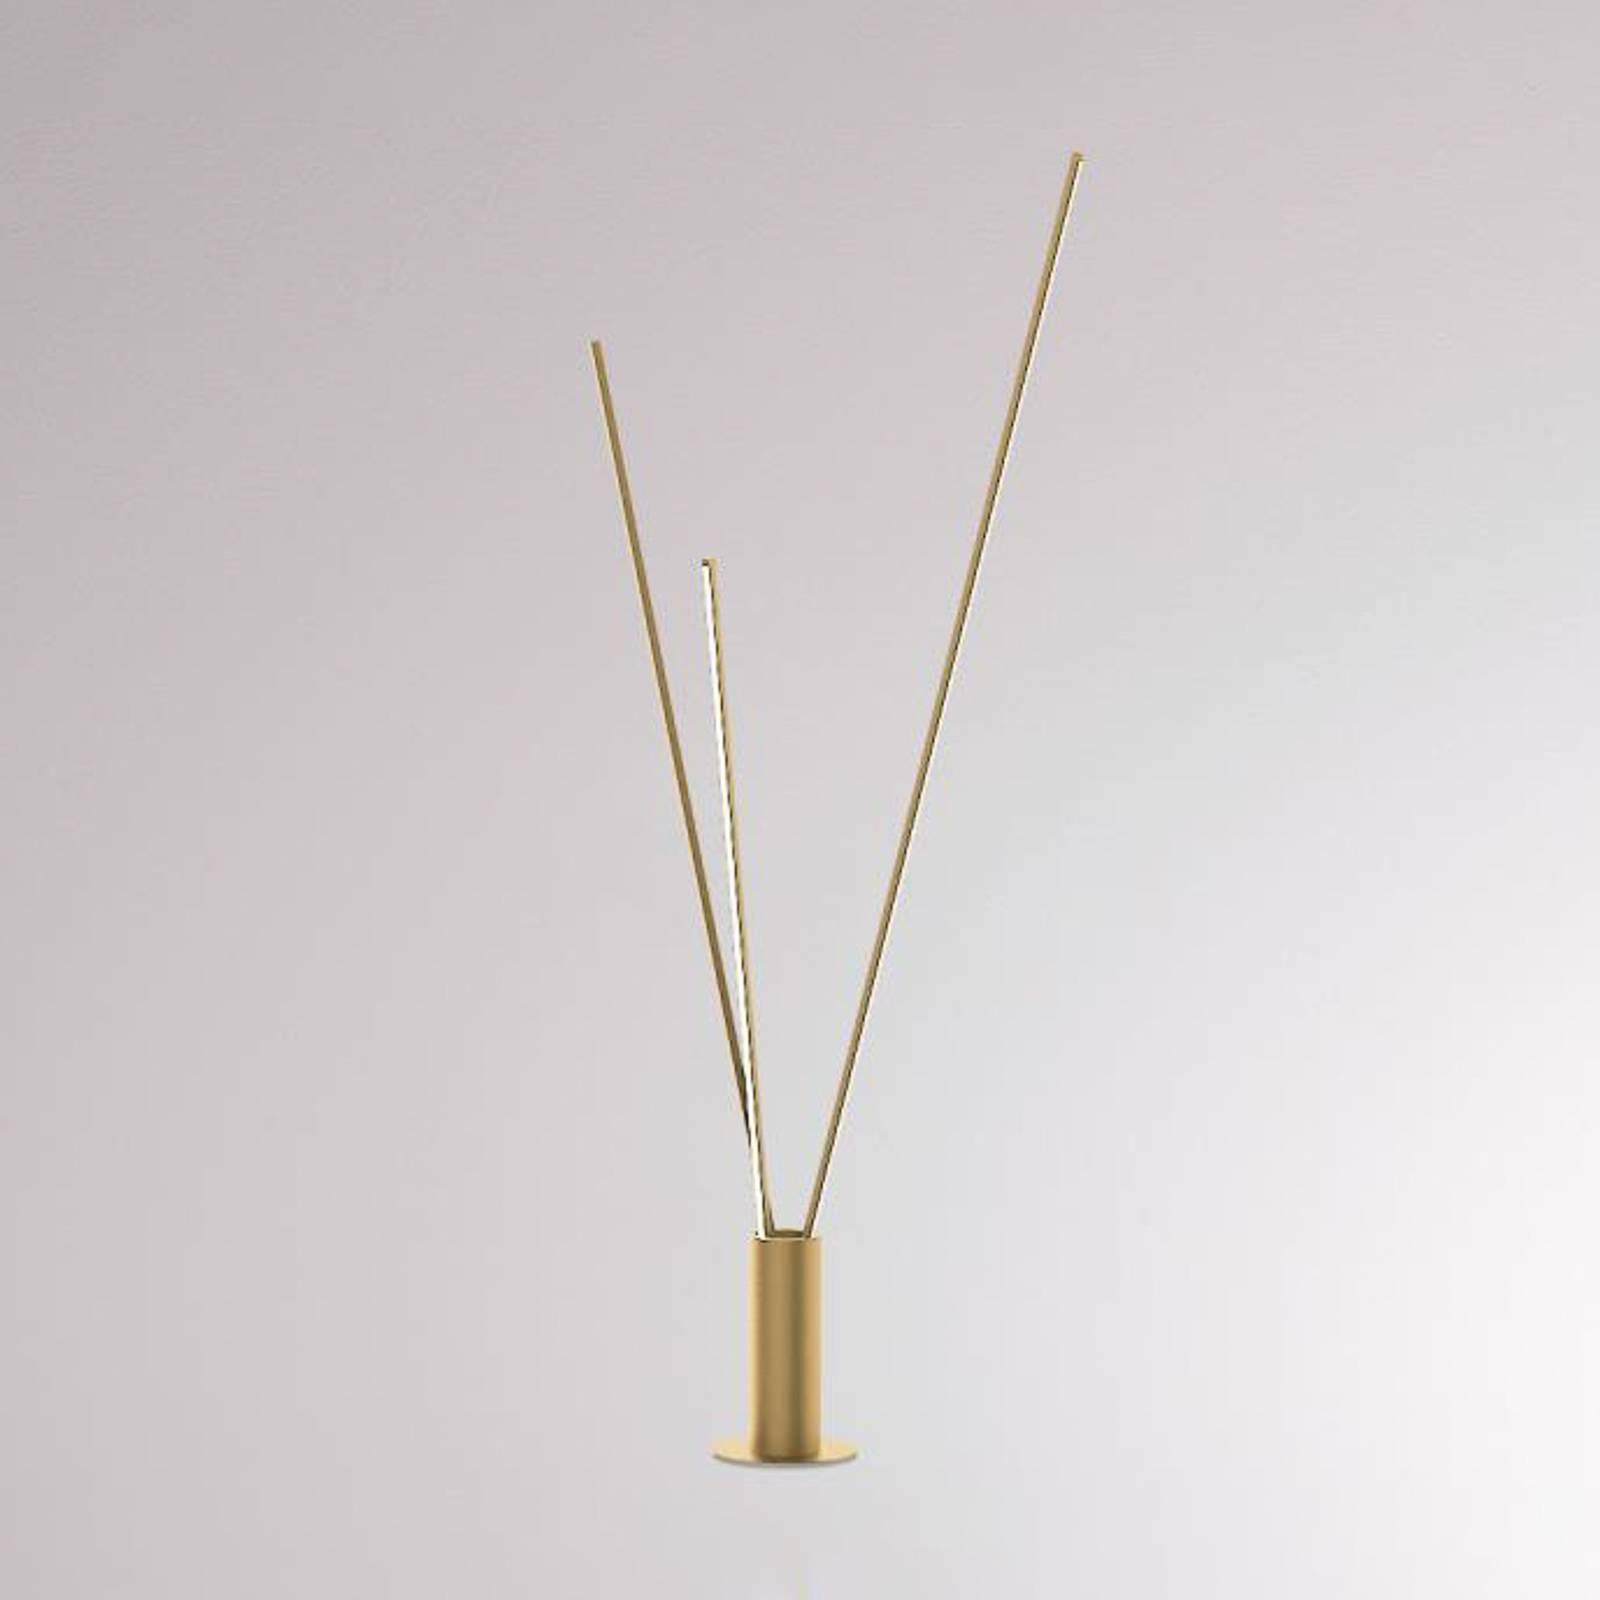 LOUM Trepole LED-Stehleuchte gold